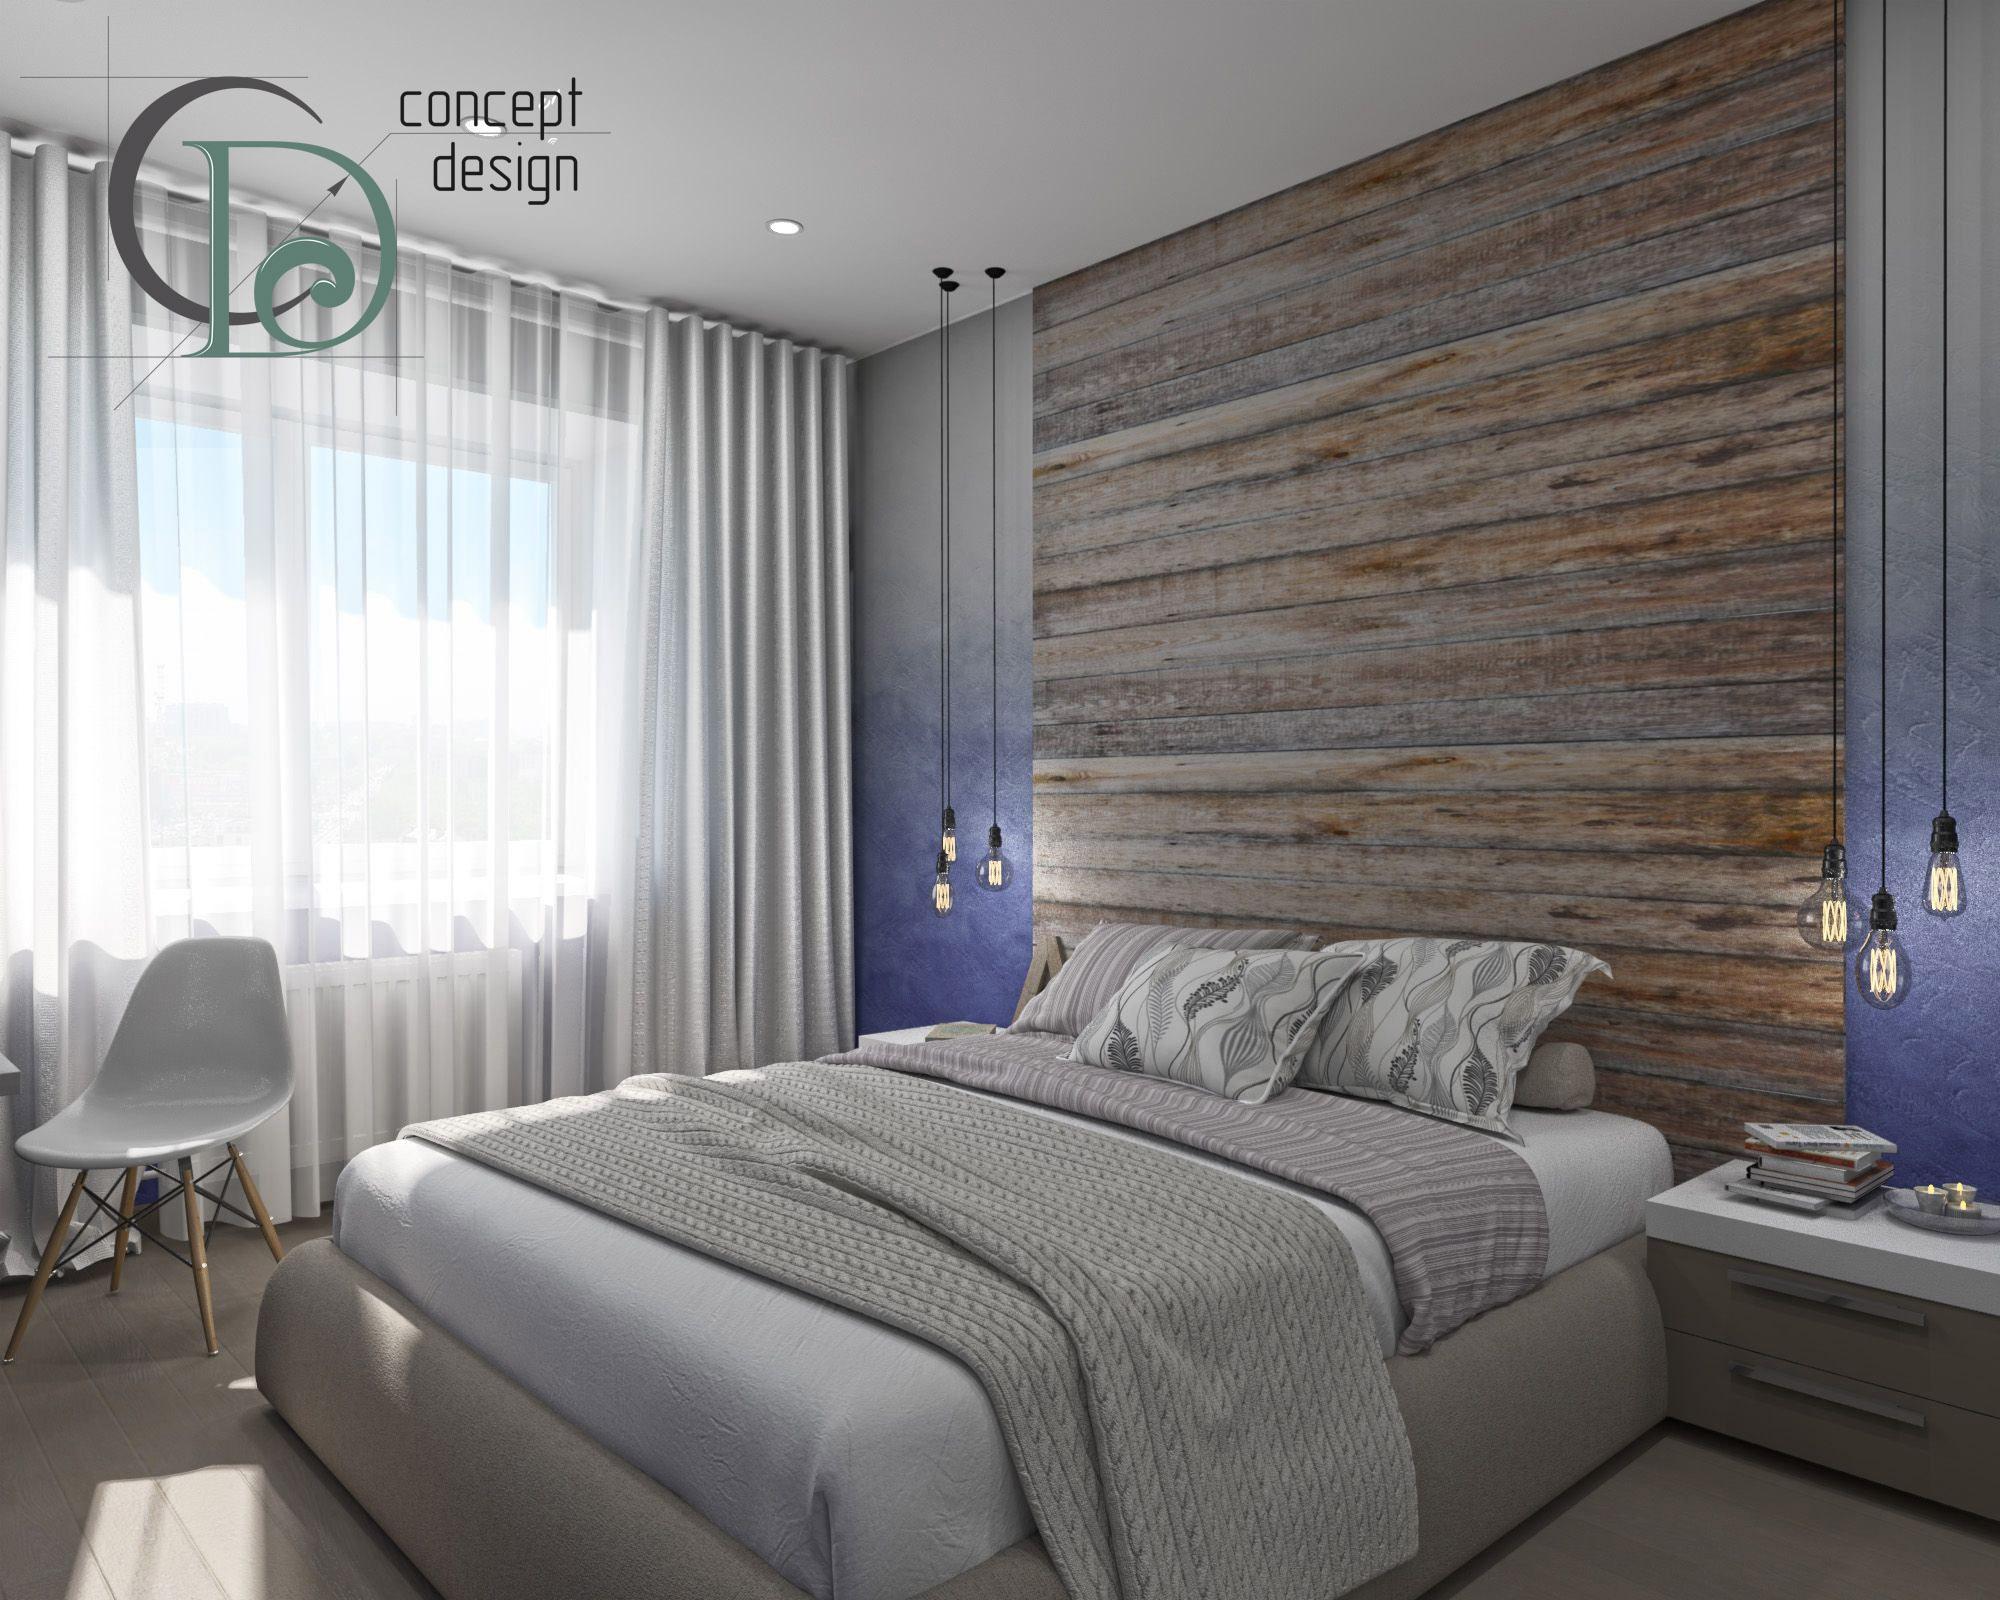 Спальня с элементами стиля лофт. Выкрас стен с эффектом омбре. Деревянная панель в изголовье